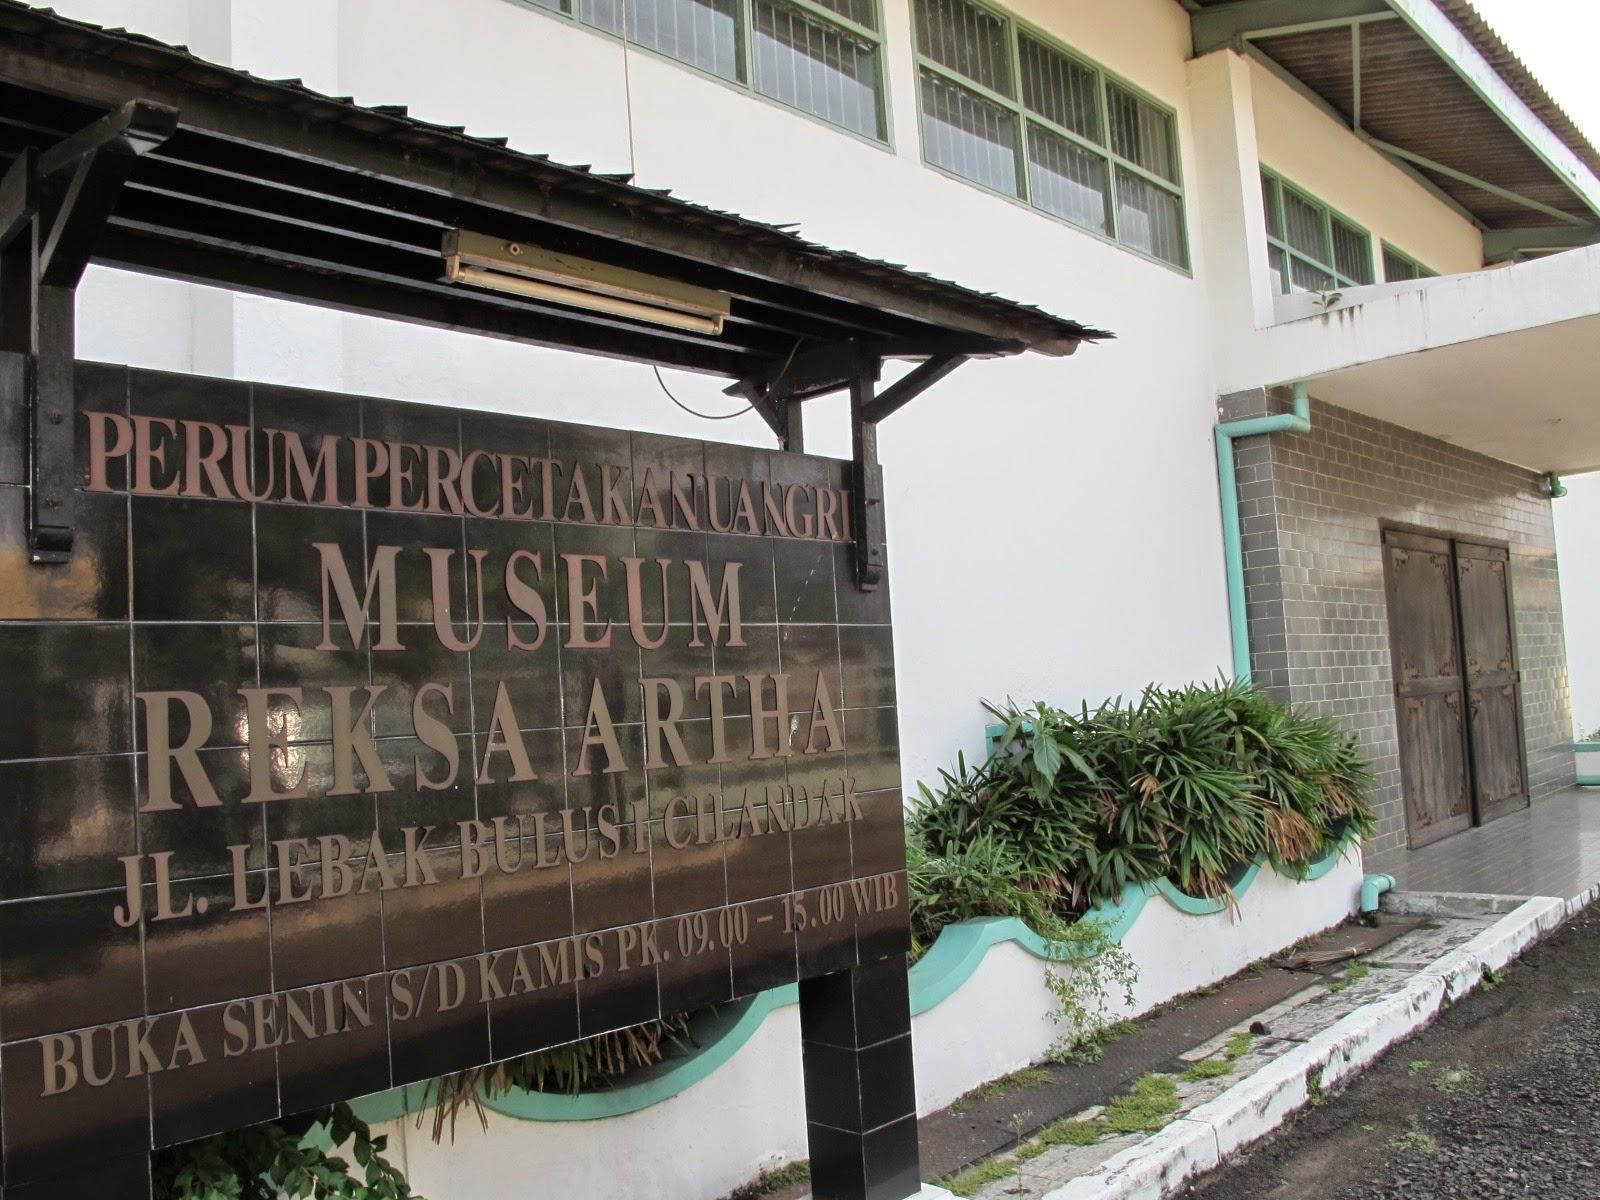 Image result for museum reksa artha